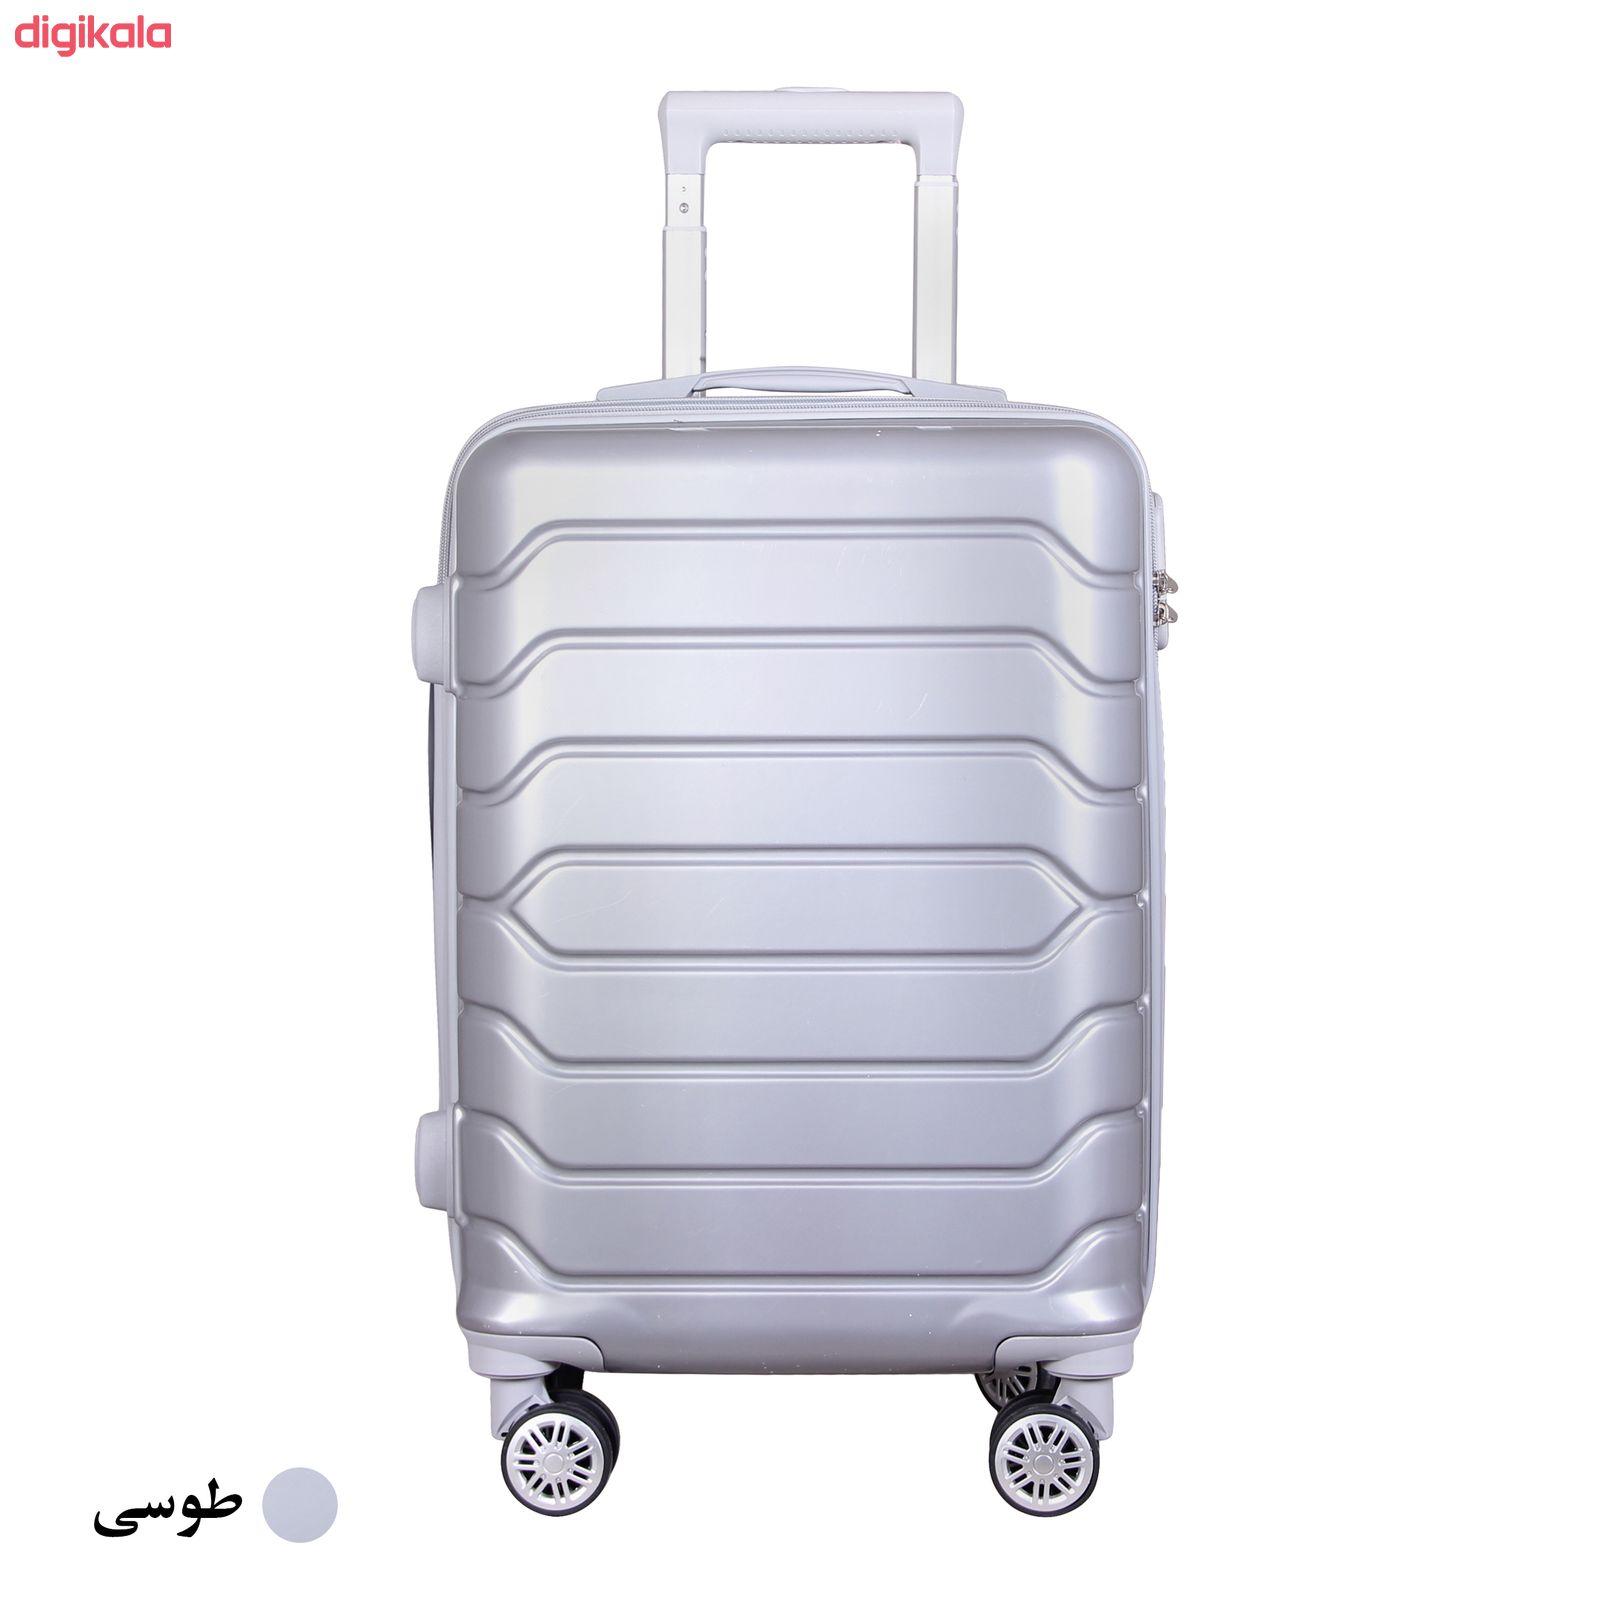 مجموعه سه عددی چمدان مدل 10021 main 1 18